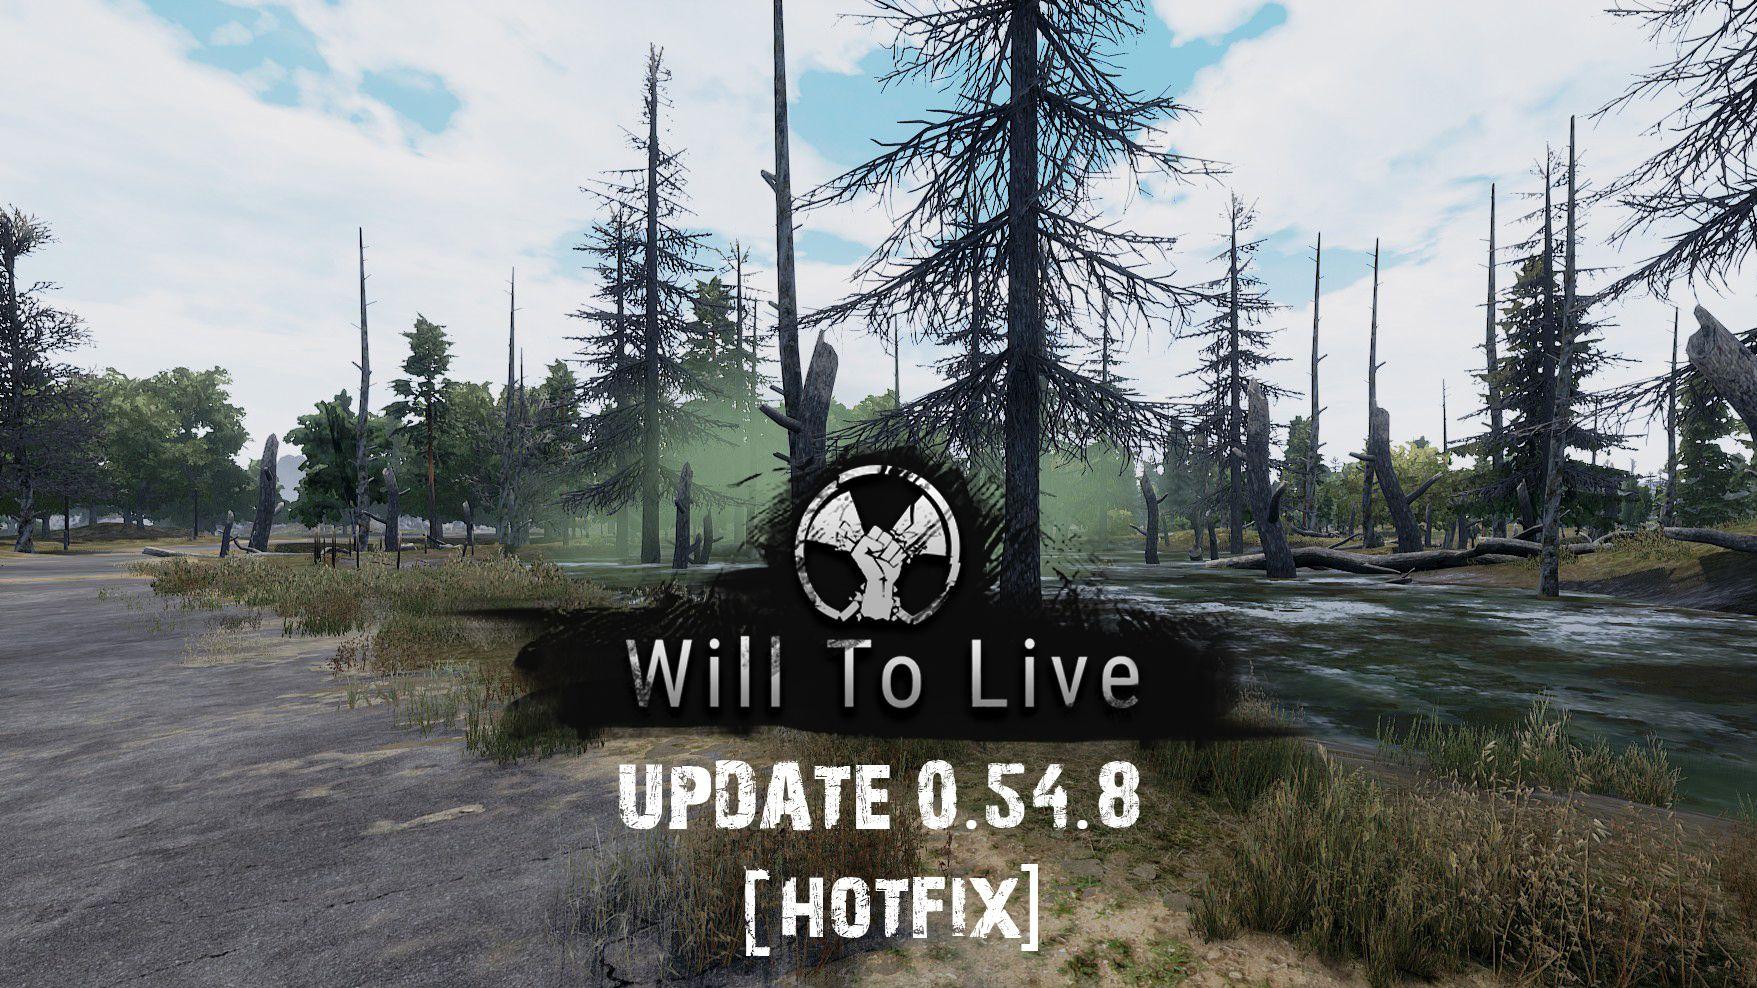 Обновление 0.54.8 [hotfix]